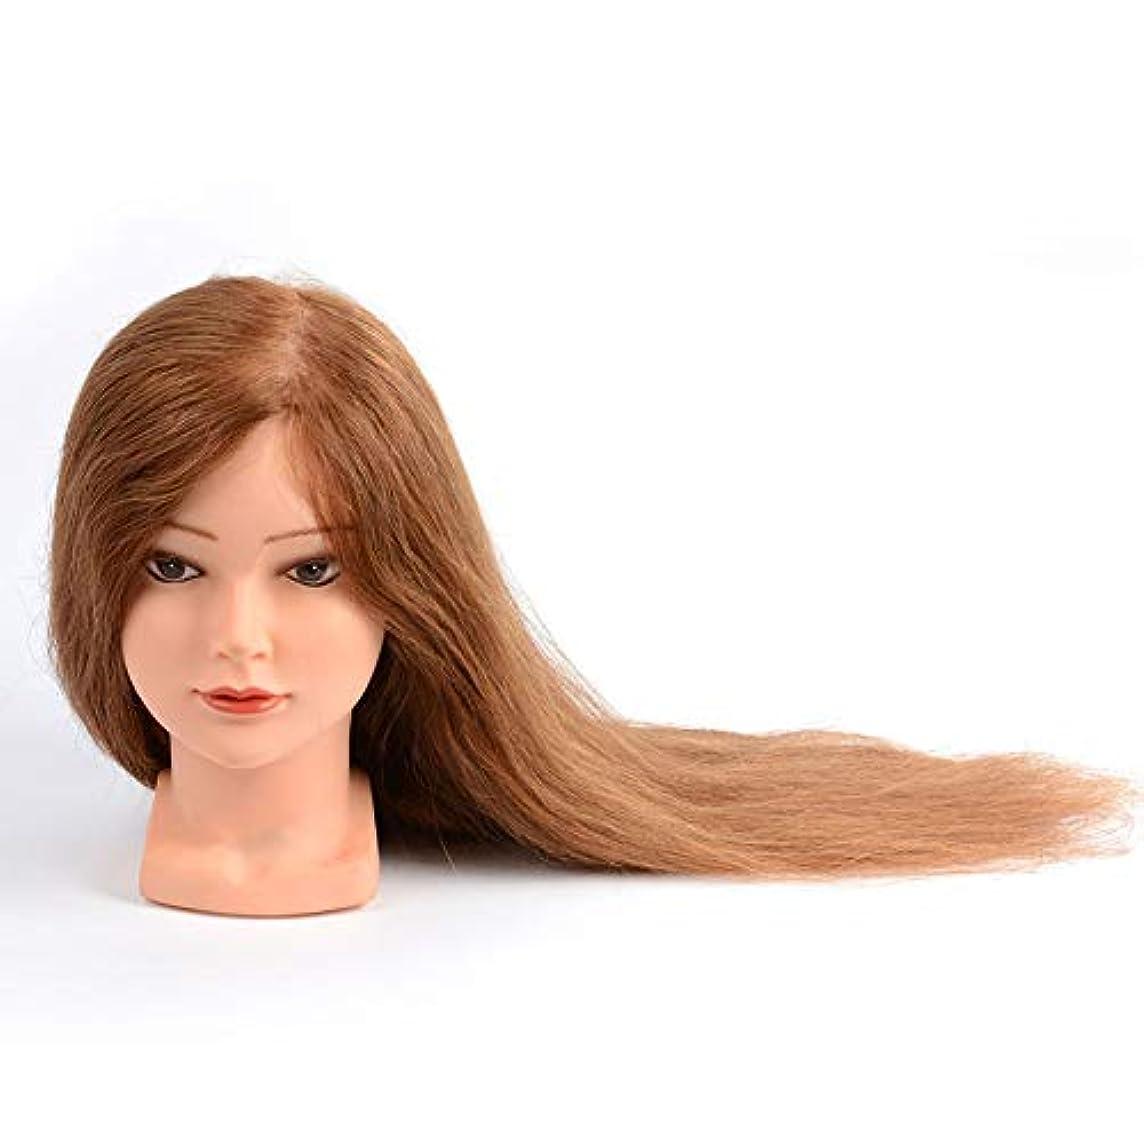 スクランブル未使用箱実在の人の髪のダミーヘッド理髪店学習パーマ髪染めウィッグモデルヘッド花嫁メイクスタイル教育ヘッド